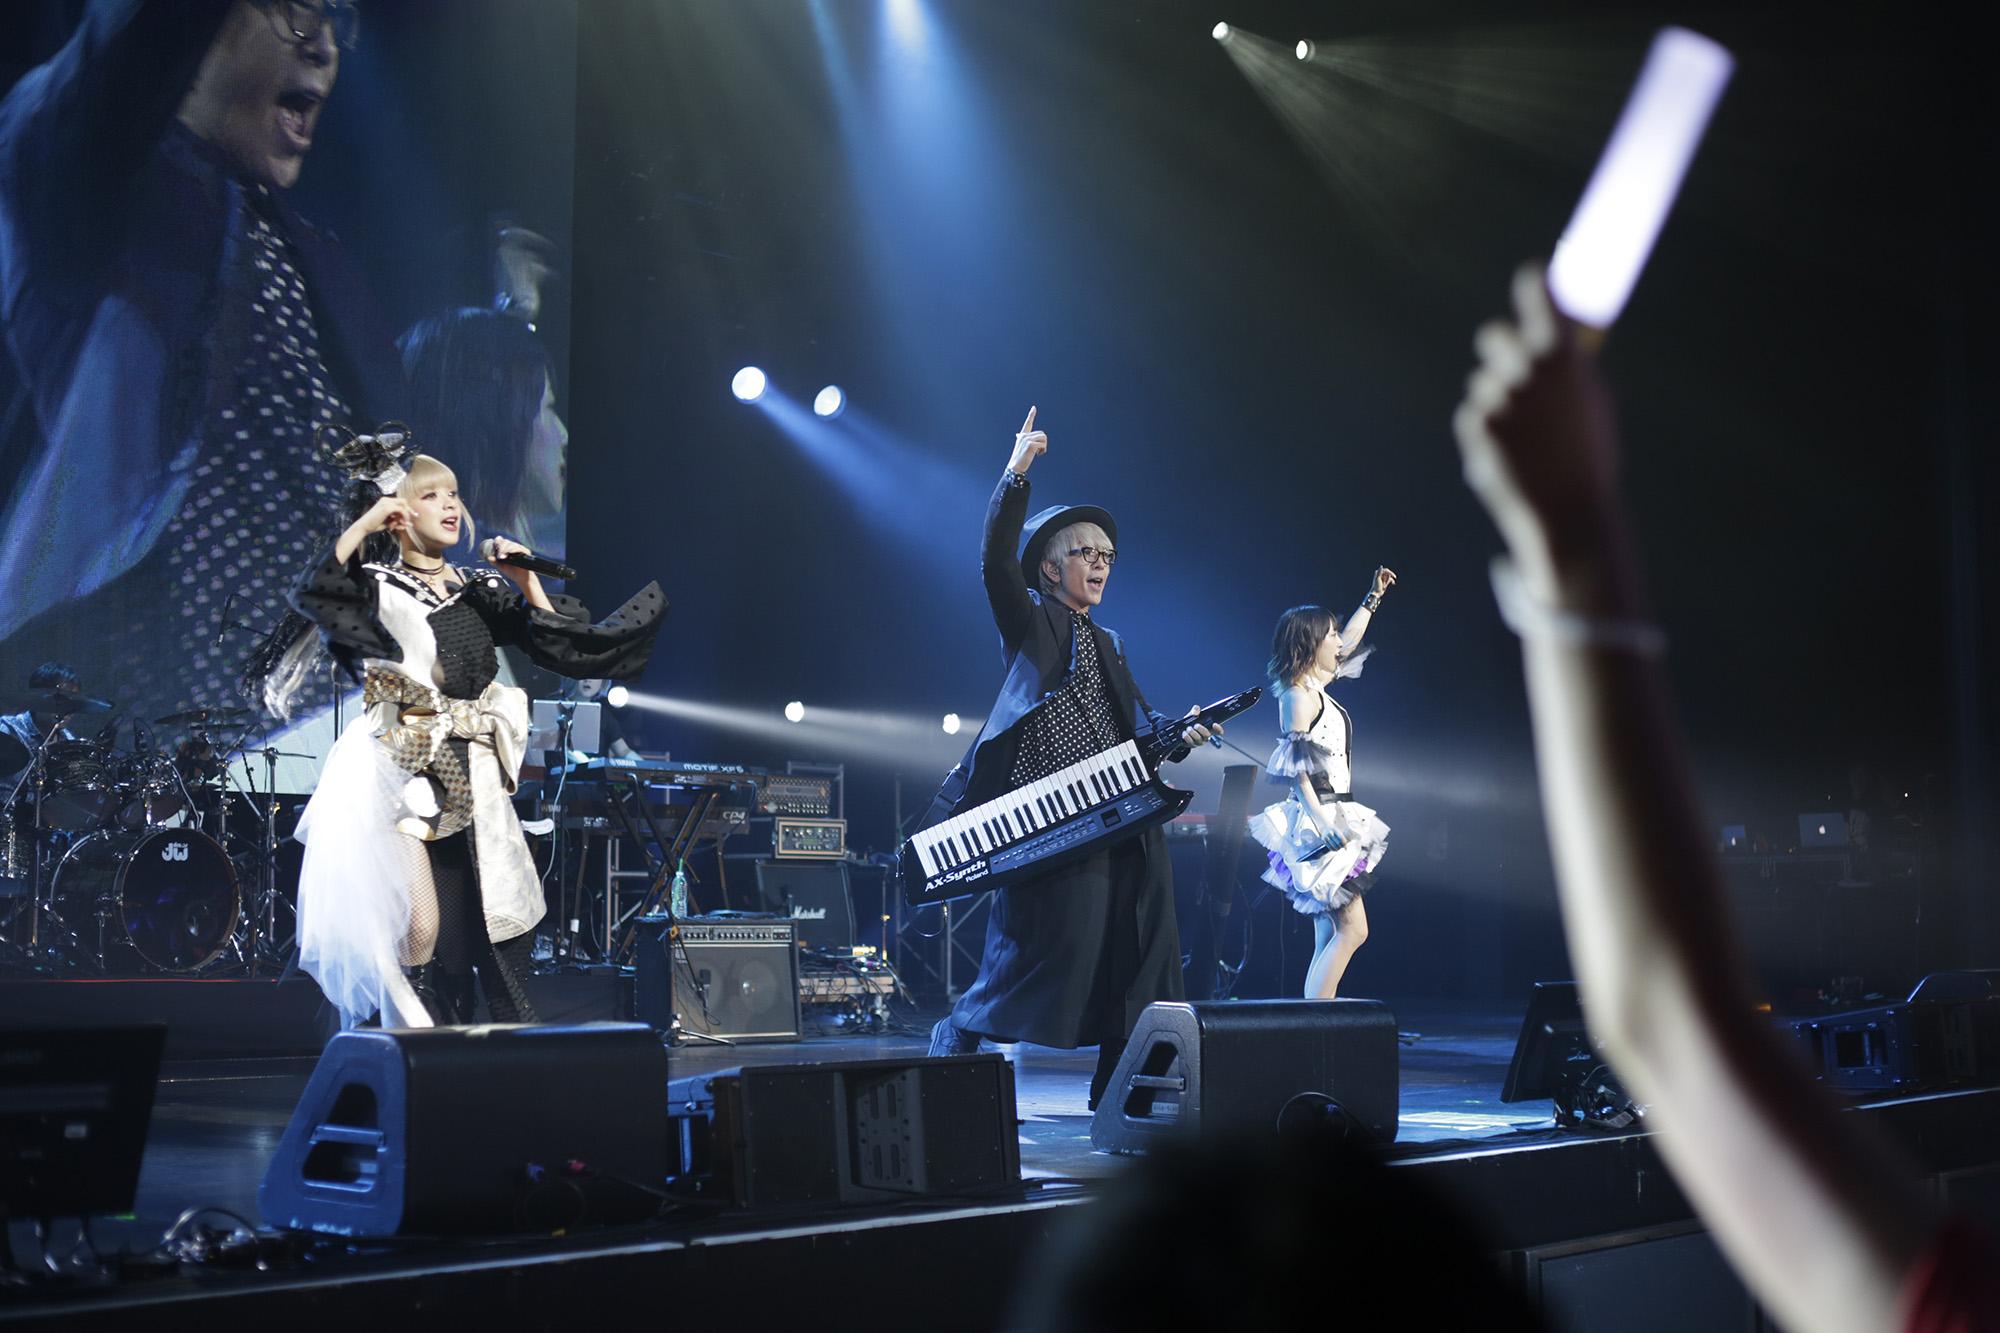 RMMS-AWMAX17-GARNiDELiA-Mashiro-Ayano-2017-07-01-3013